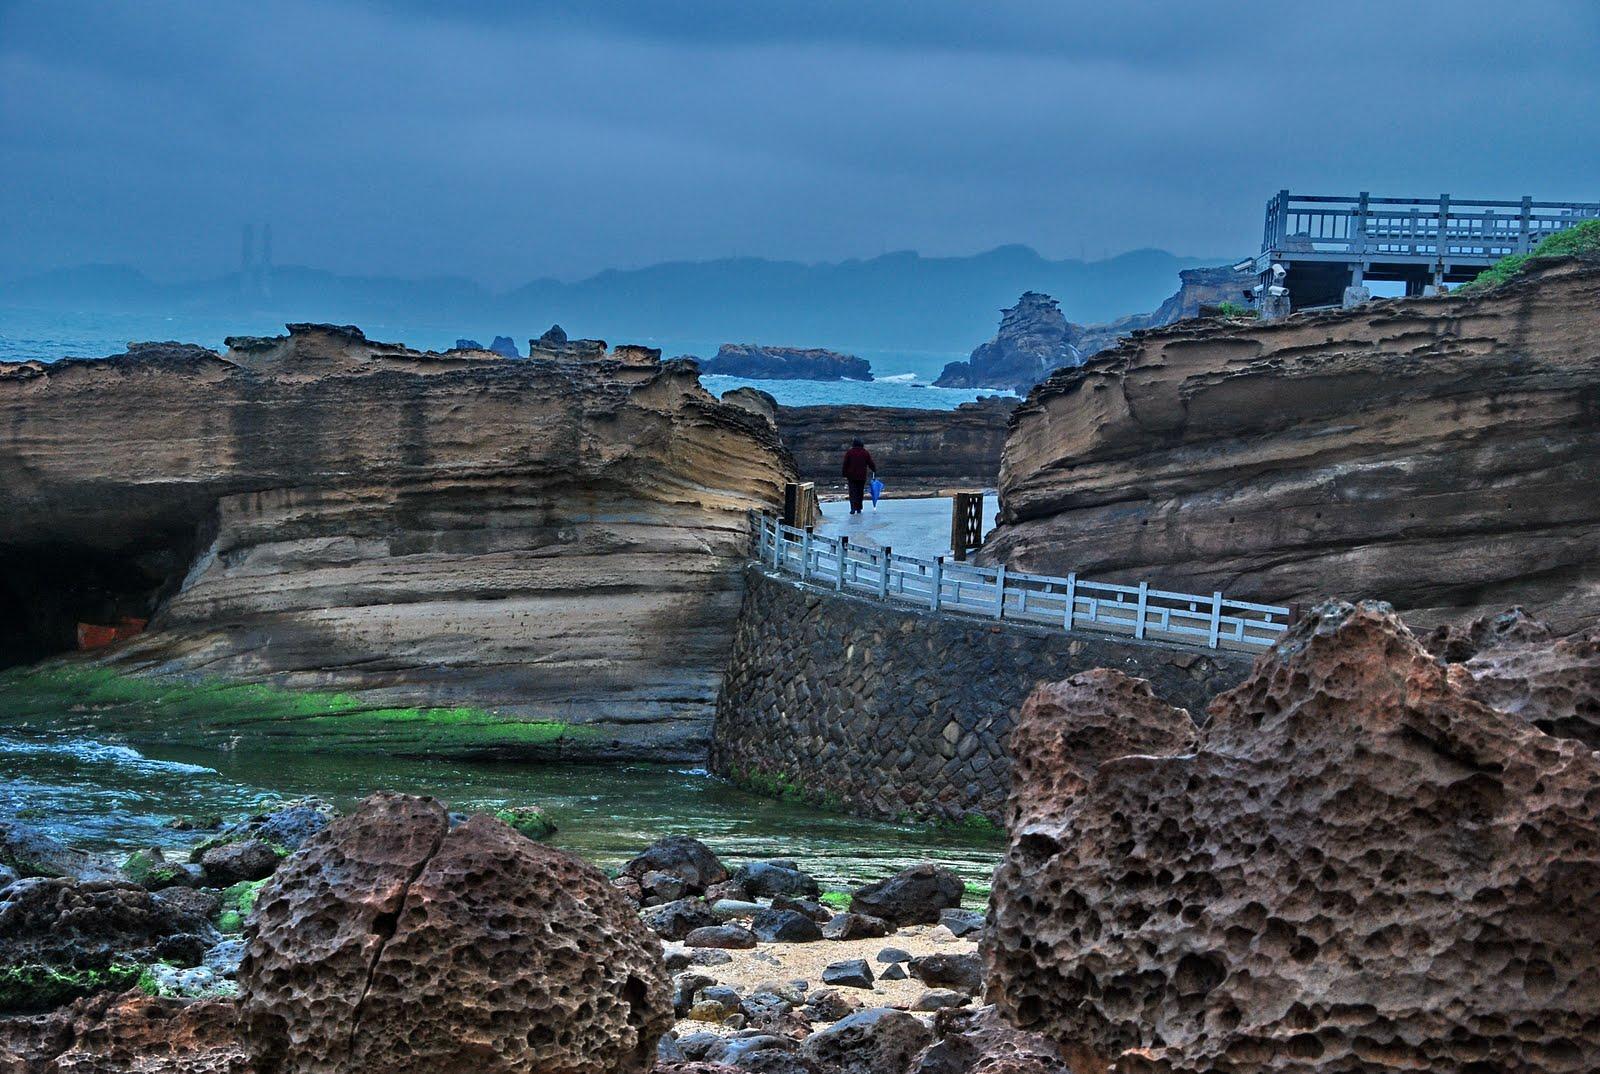 風的自由: 是海,是風,是雨,是陽光(臺北-野柳地質公園)